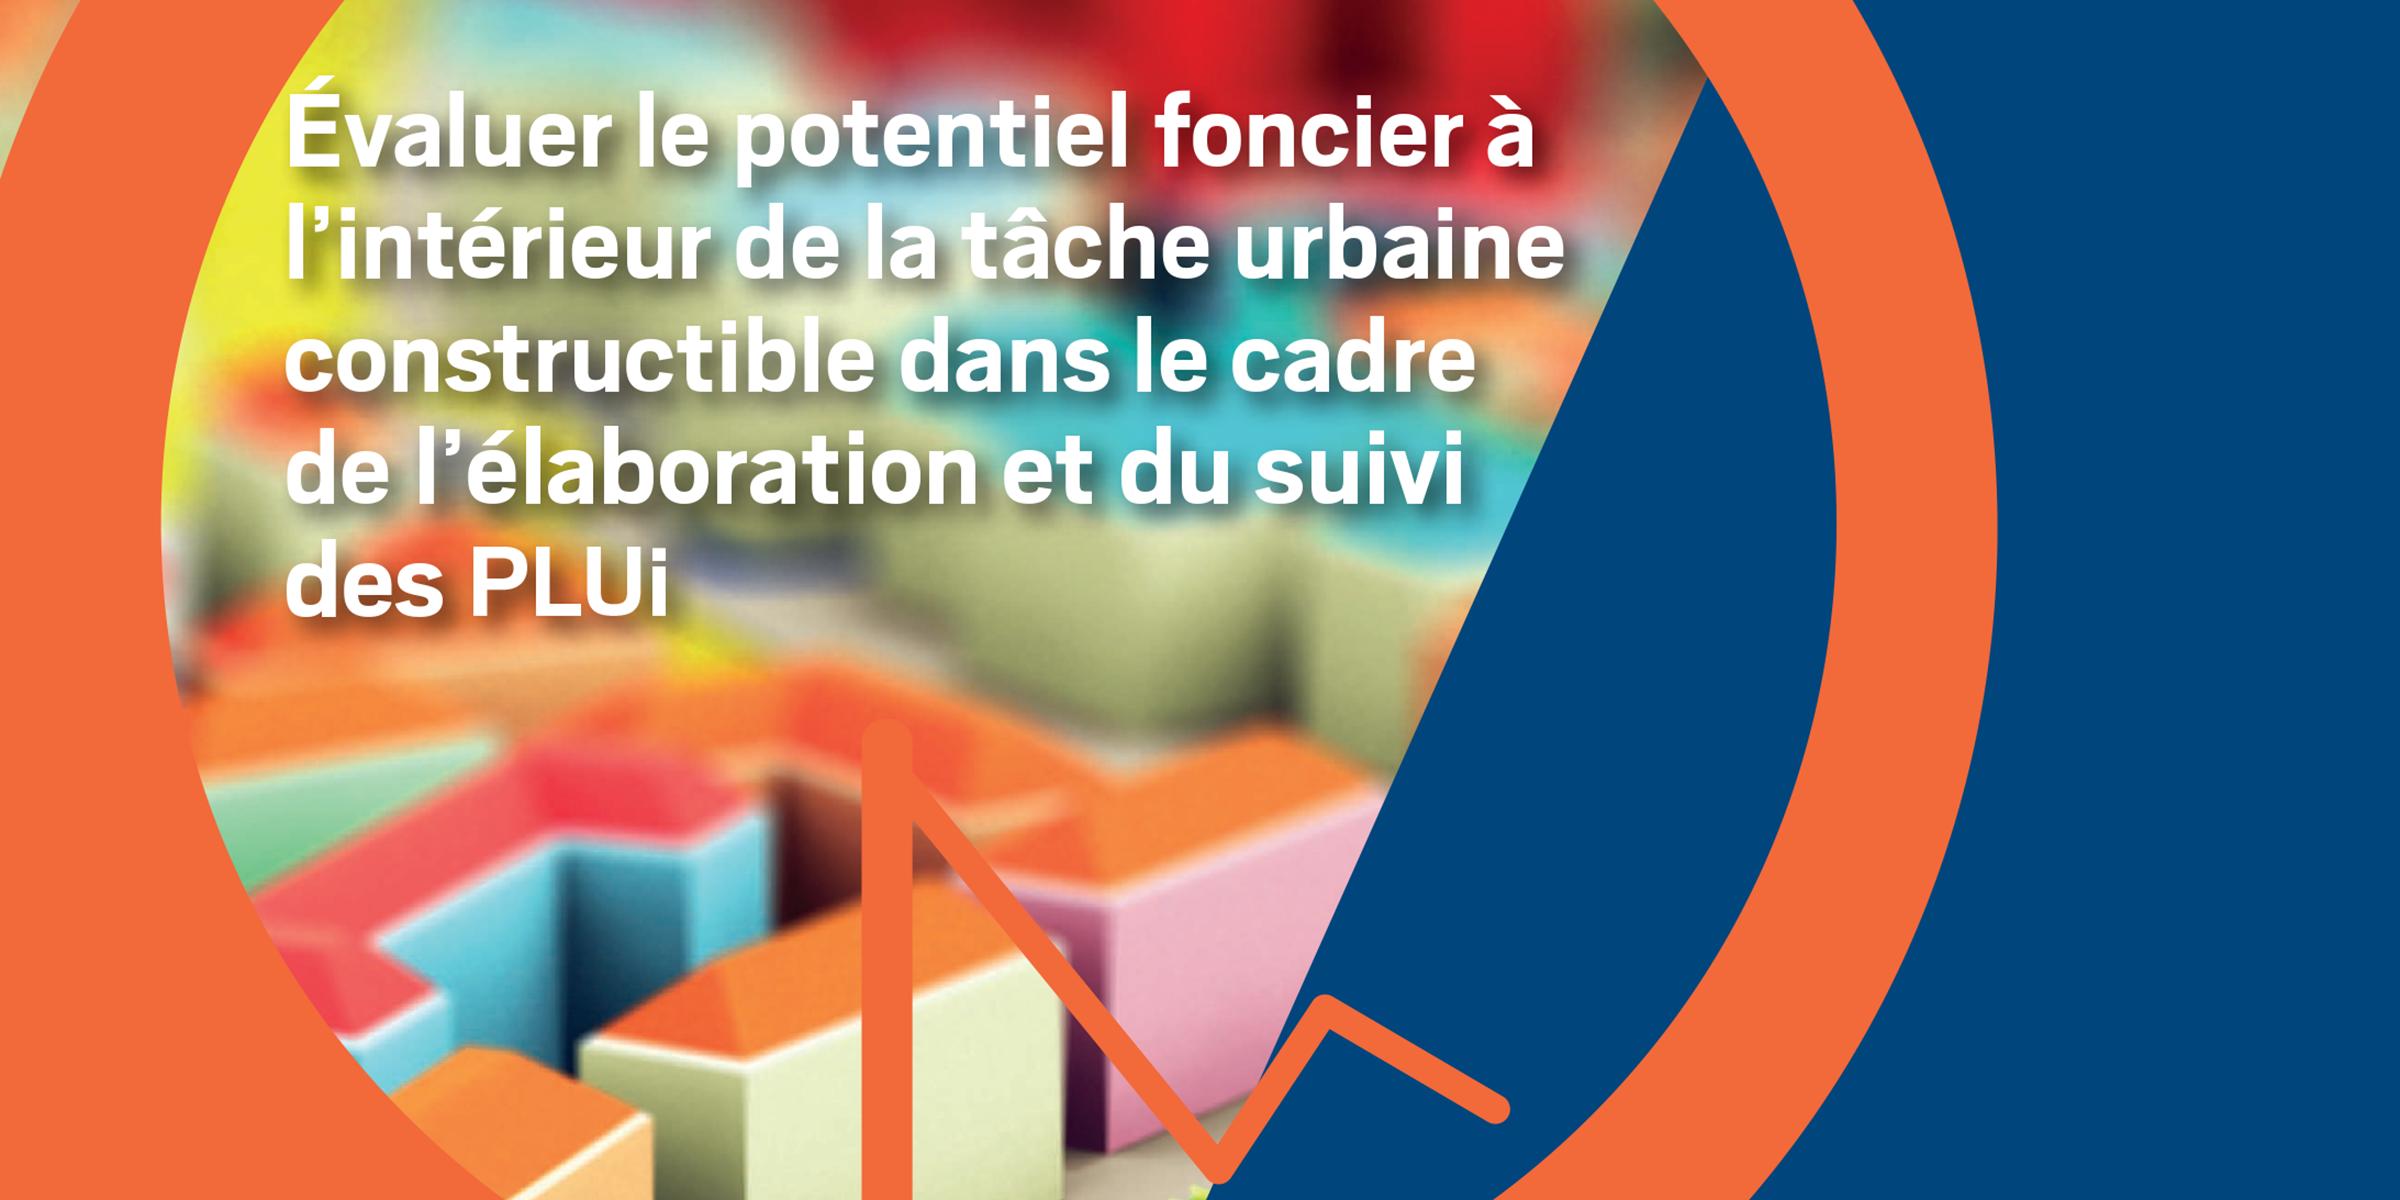 Évaluer le potentiel foncier à l'intérieur de la tâche urbaine dans le cadre des PLUi